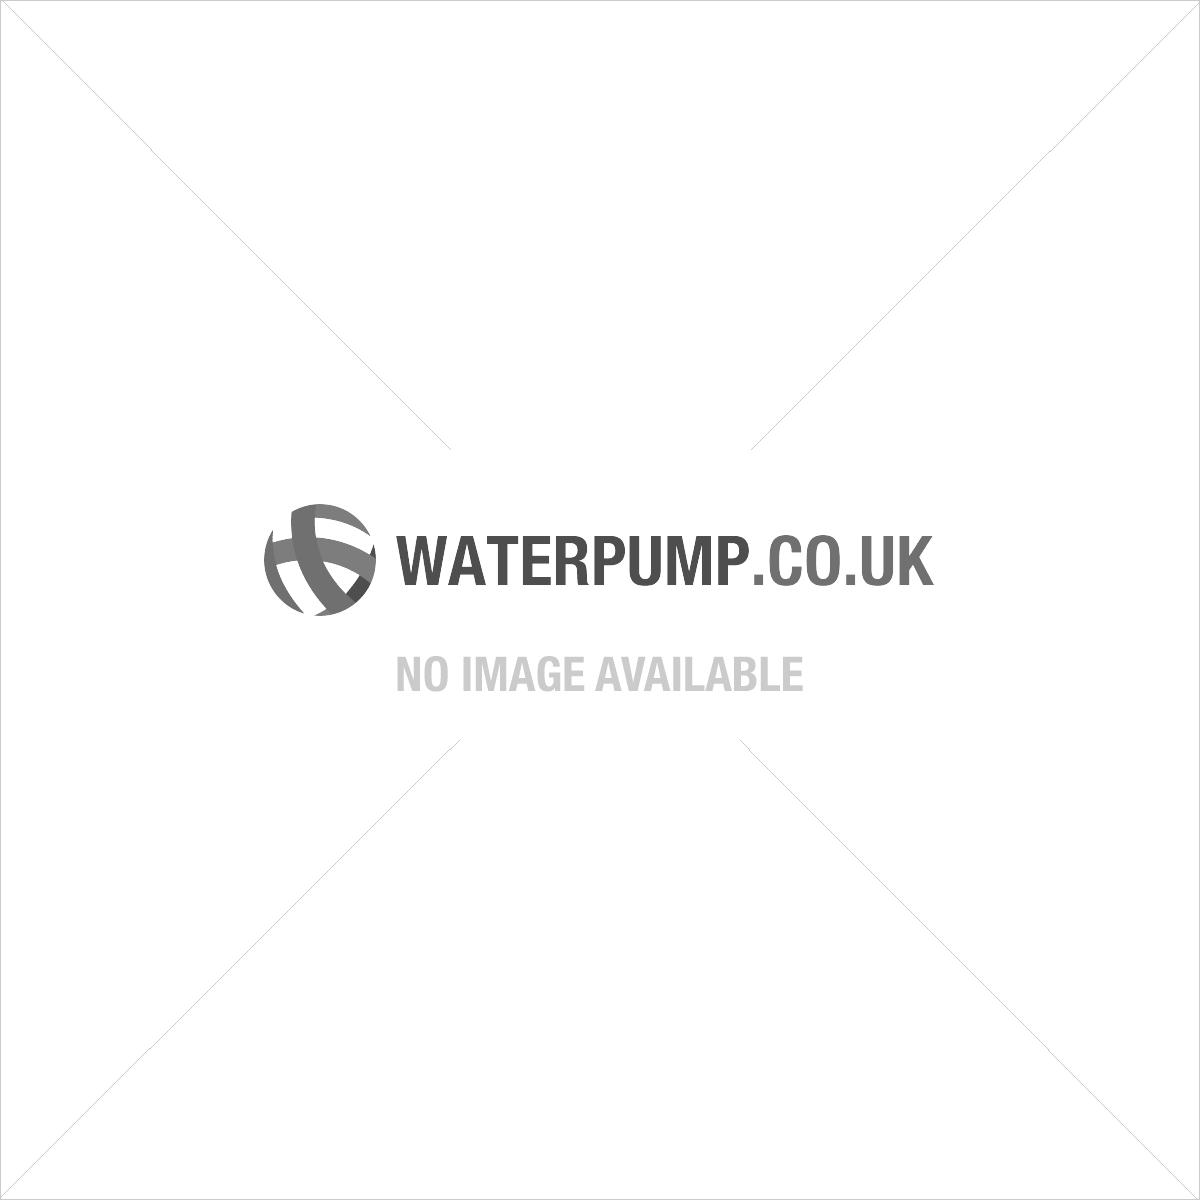 DAB Aquajet-inox 92 M Booster Pump